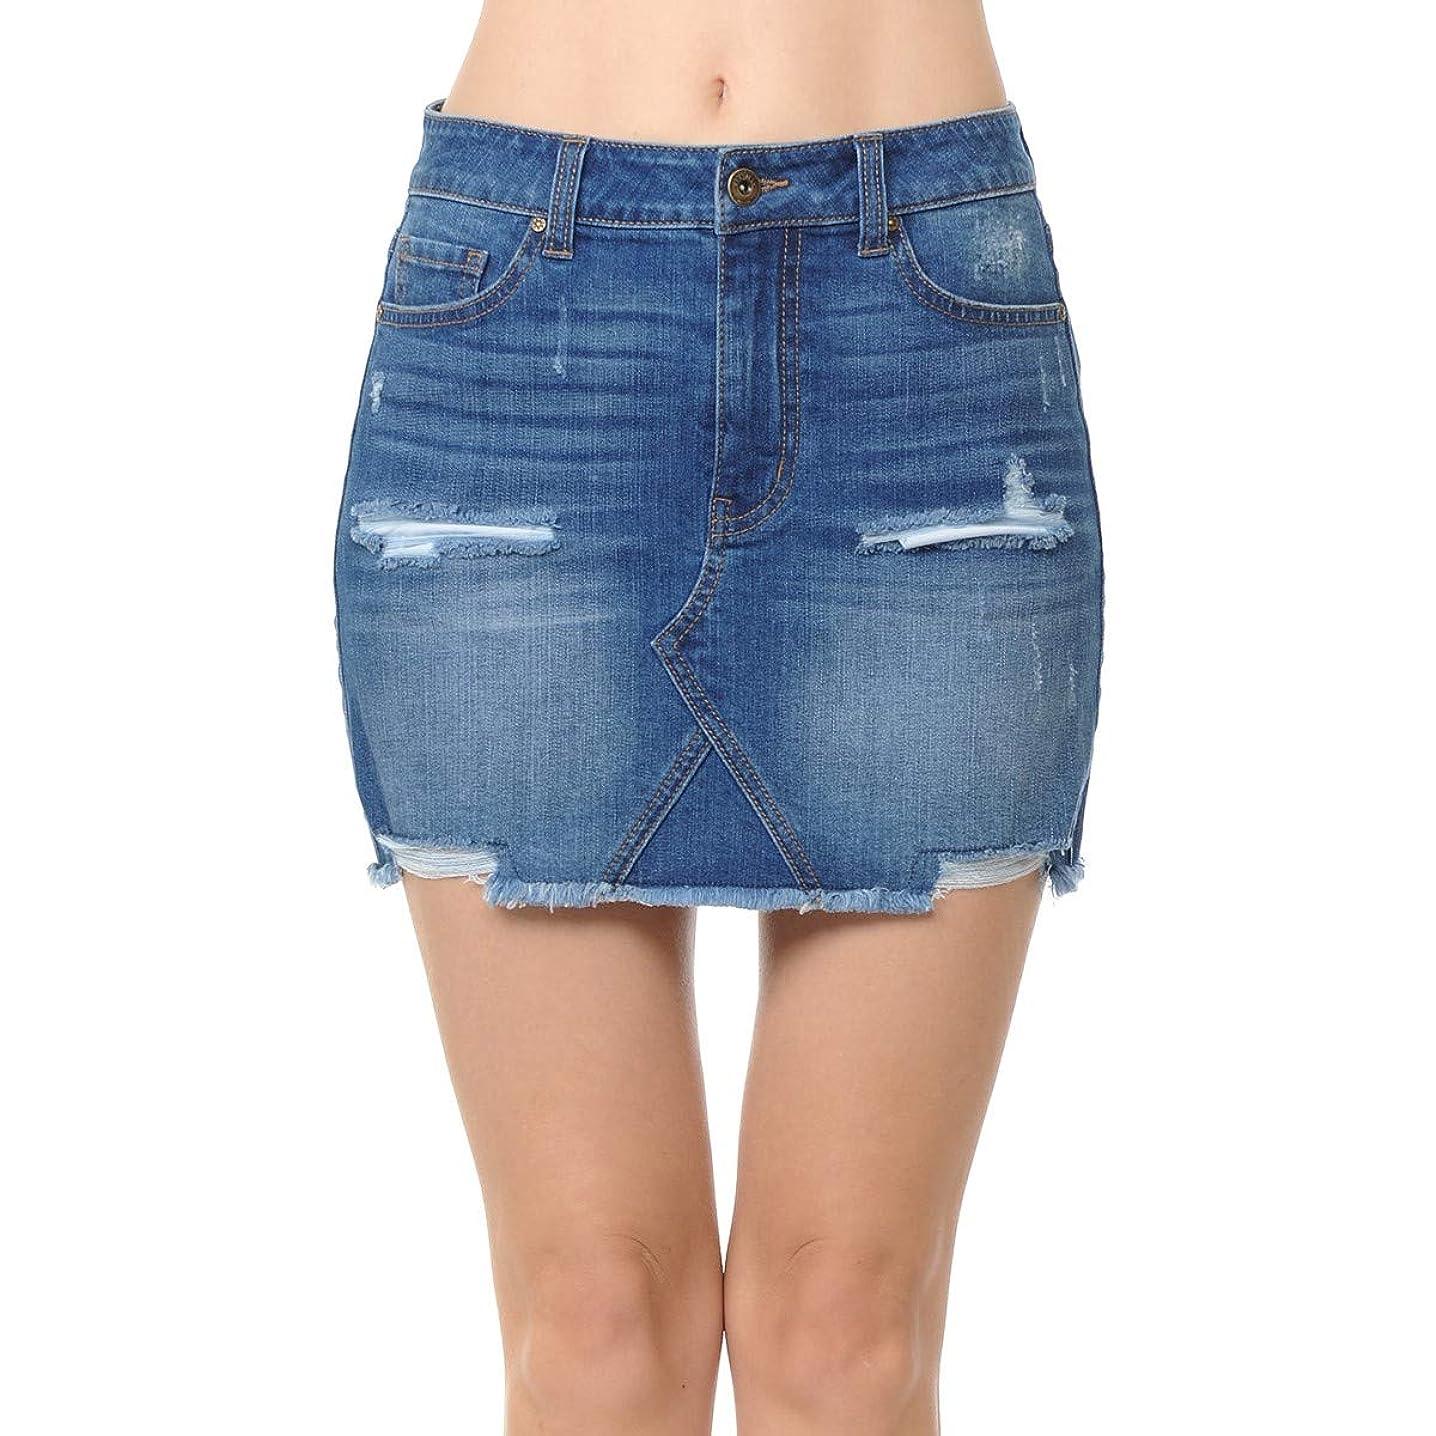 Wax Women's Juniors Mid Waist Mini Denim Skirt Semi A-Line Frayed Hem (Small-Medium Blue)